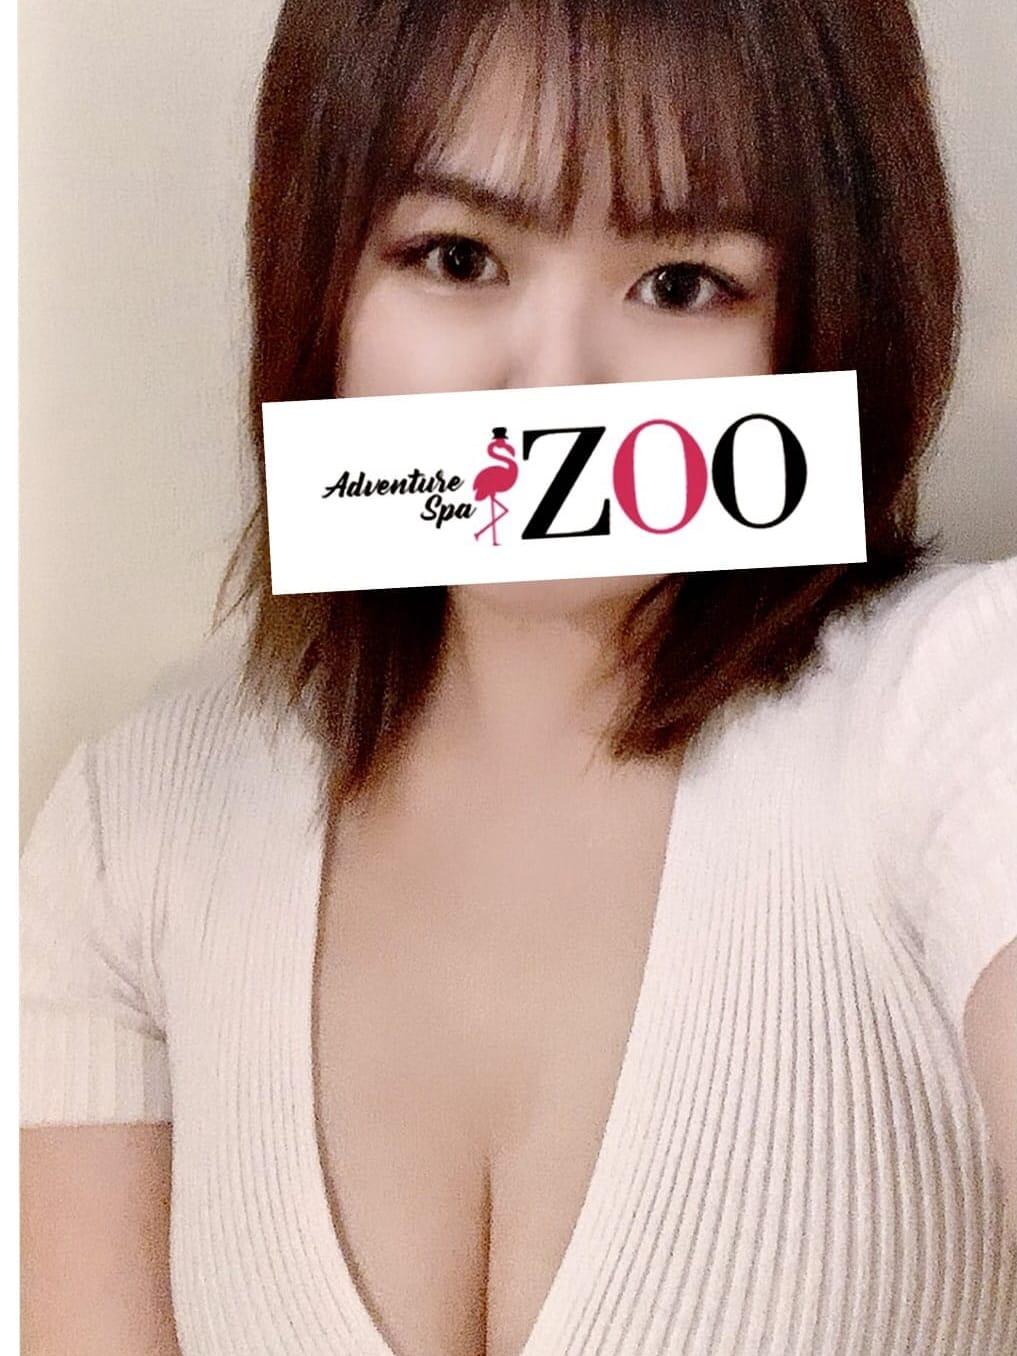 及川【マッサージセンス抜群!!】 | ADVENTURE SPA ZOO()